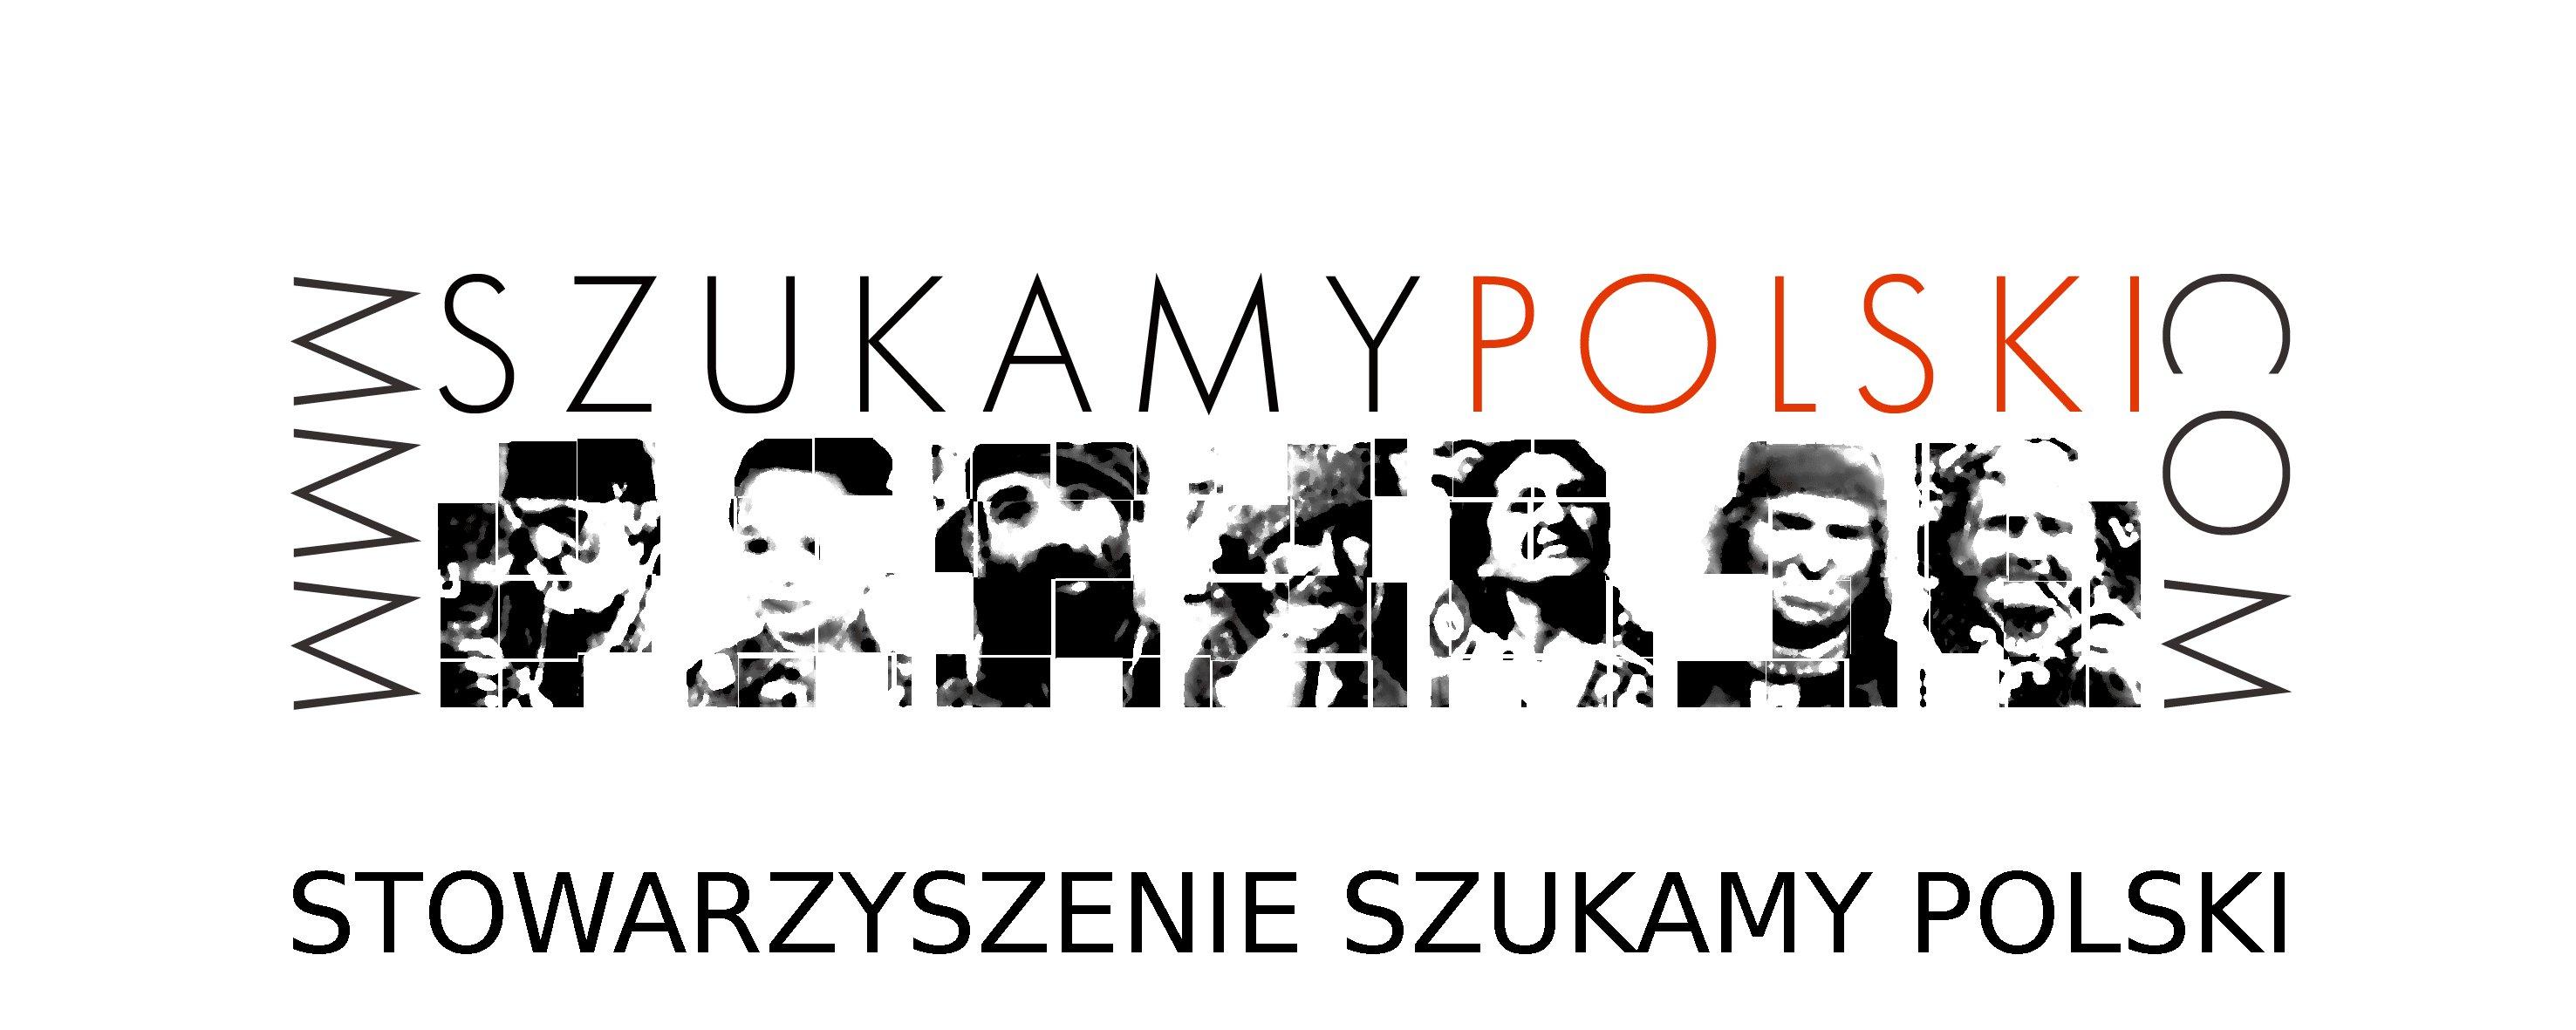 LOGO Szukamy Polski